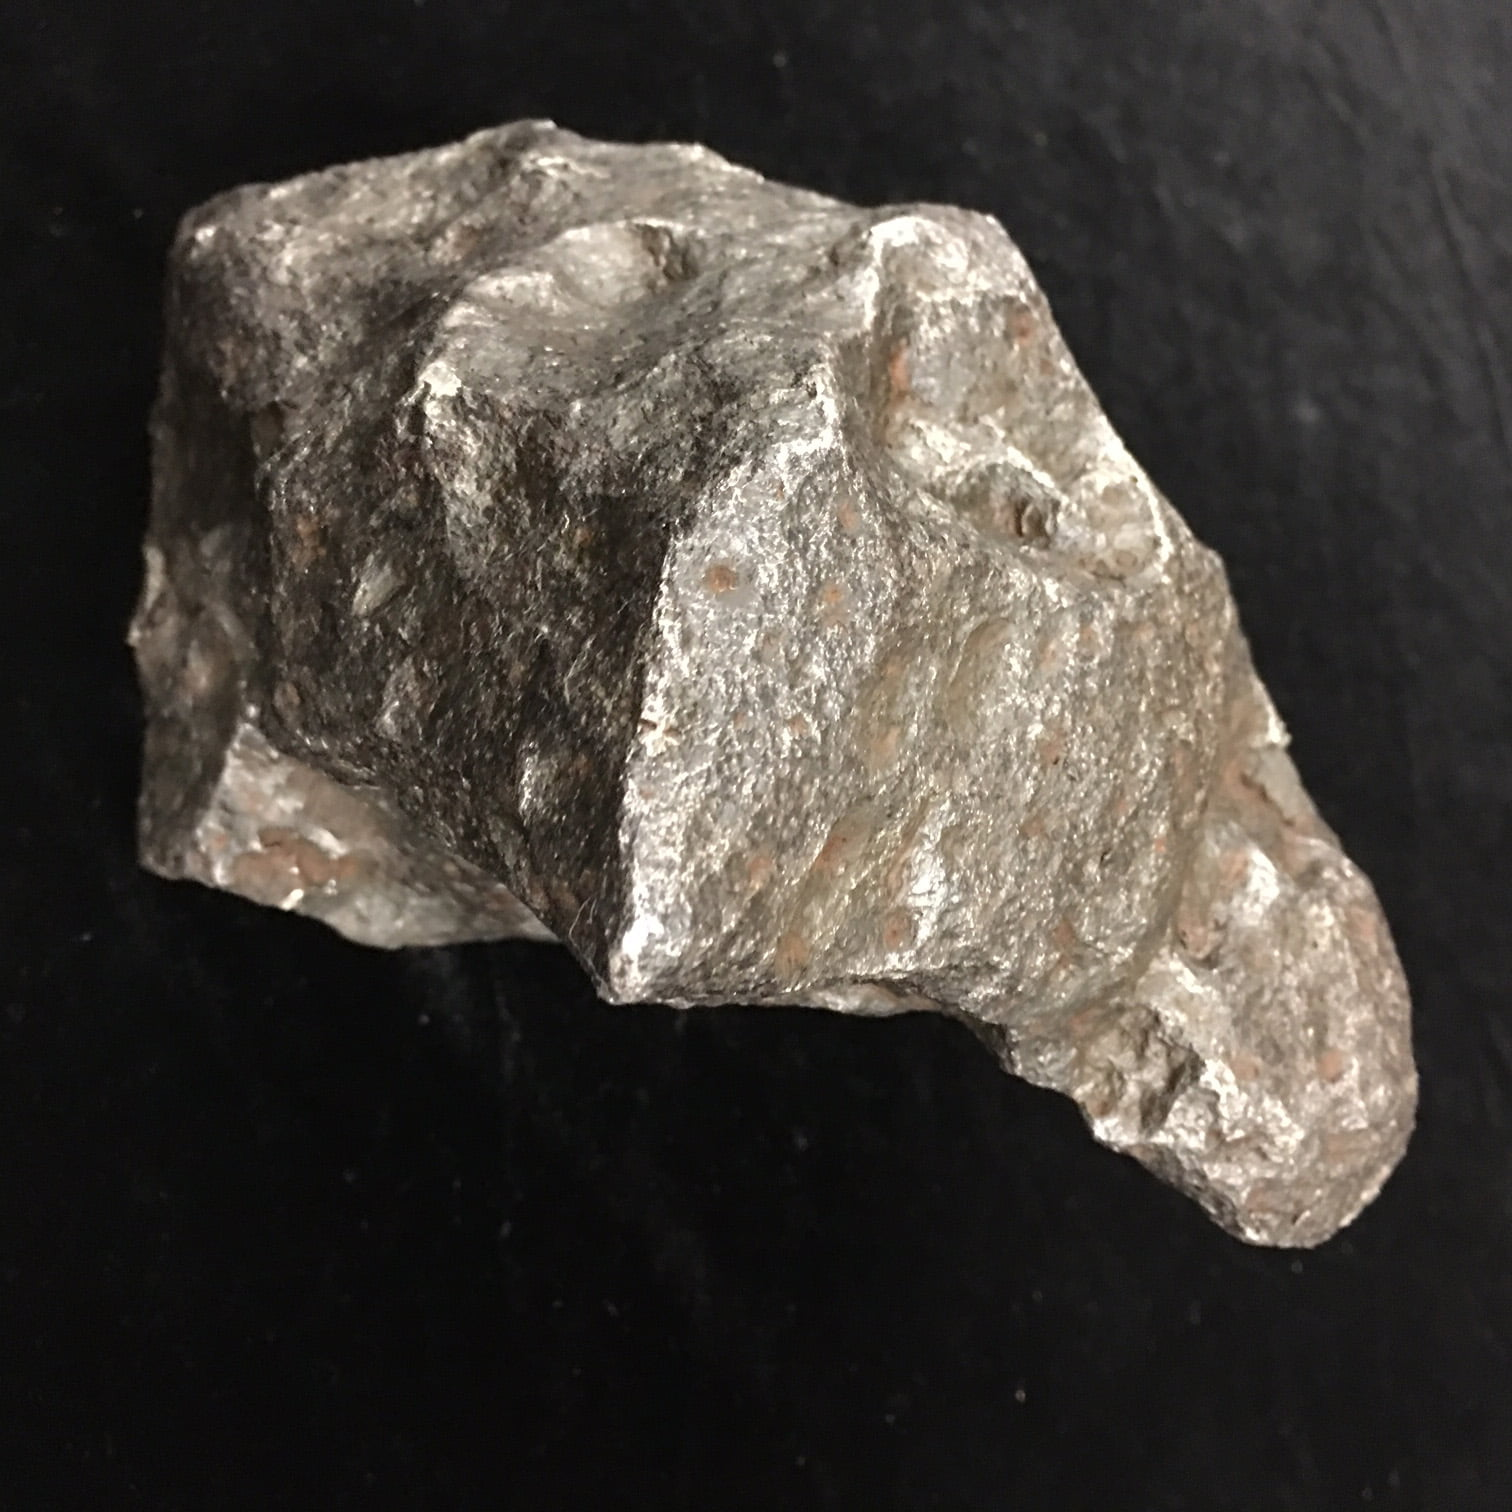 Huge Campo Del Cielo Iron Meteorite 7.166 KG OR 15.79 LBS